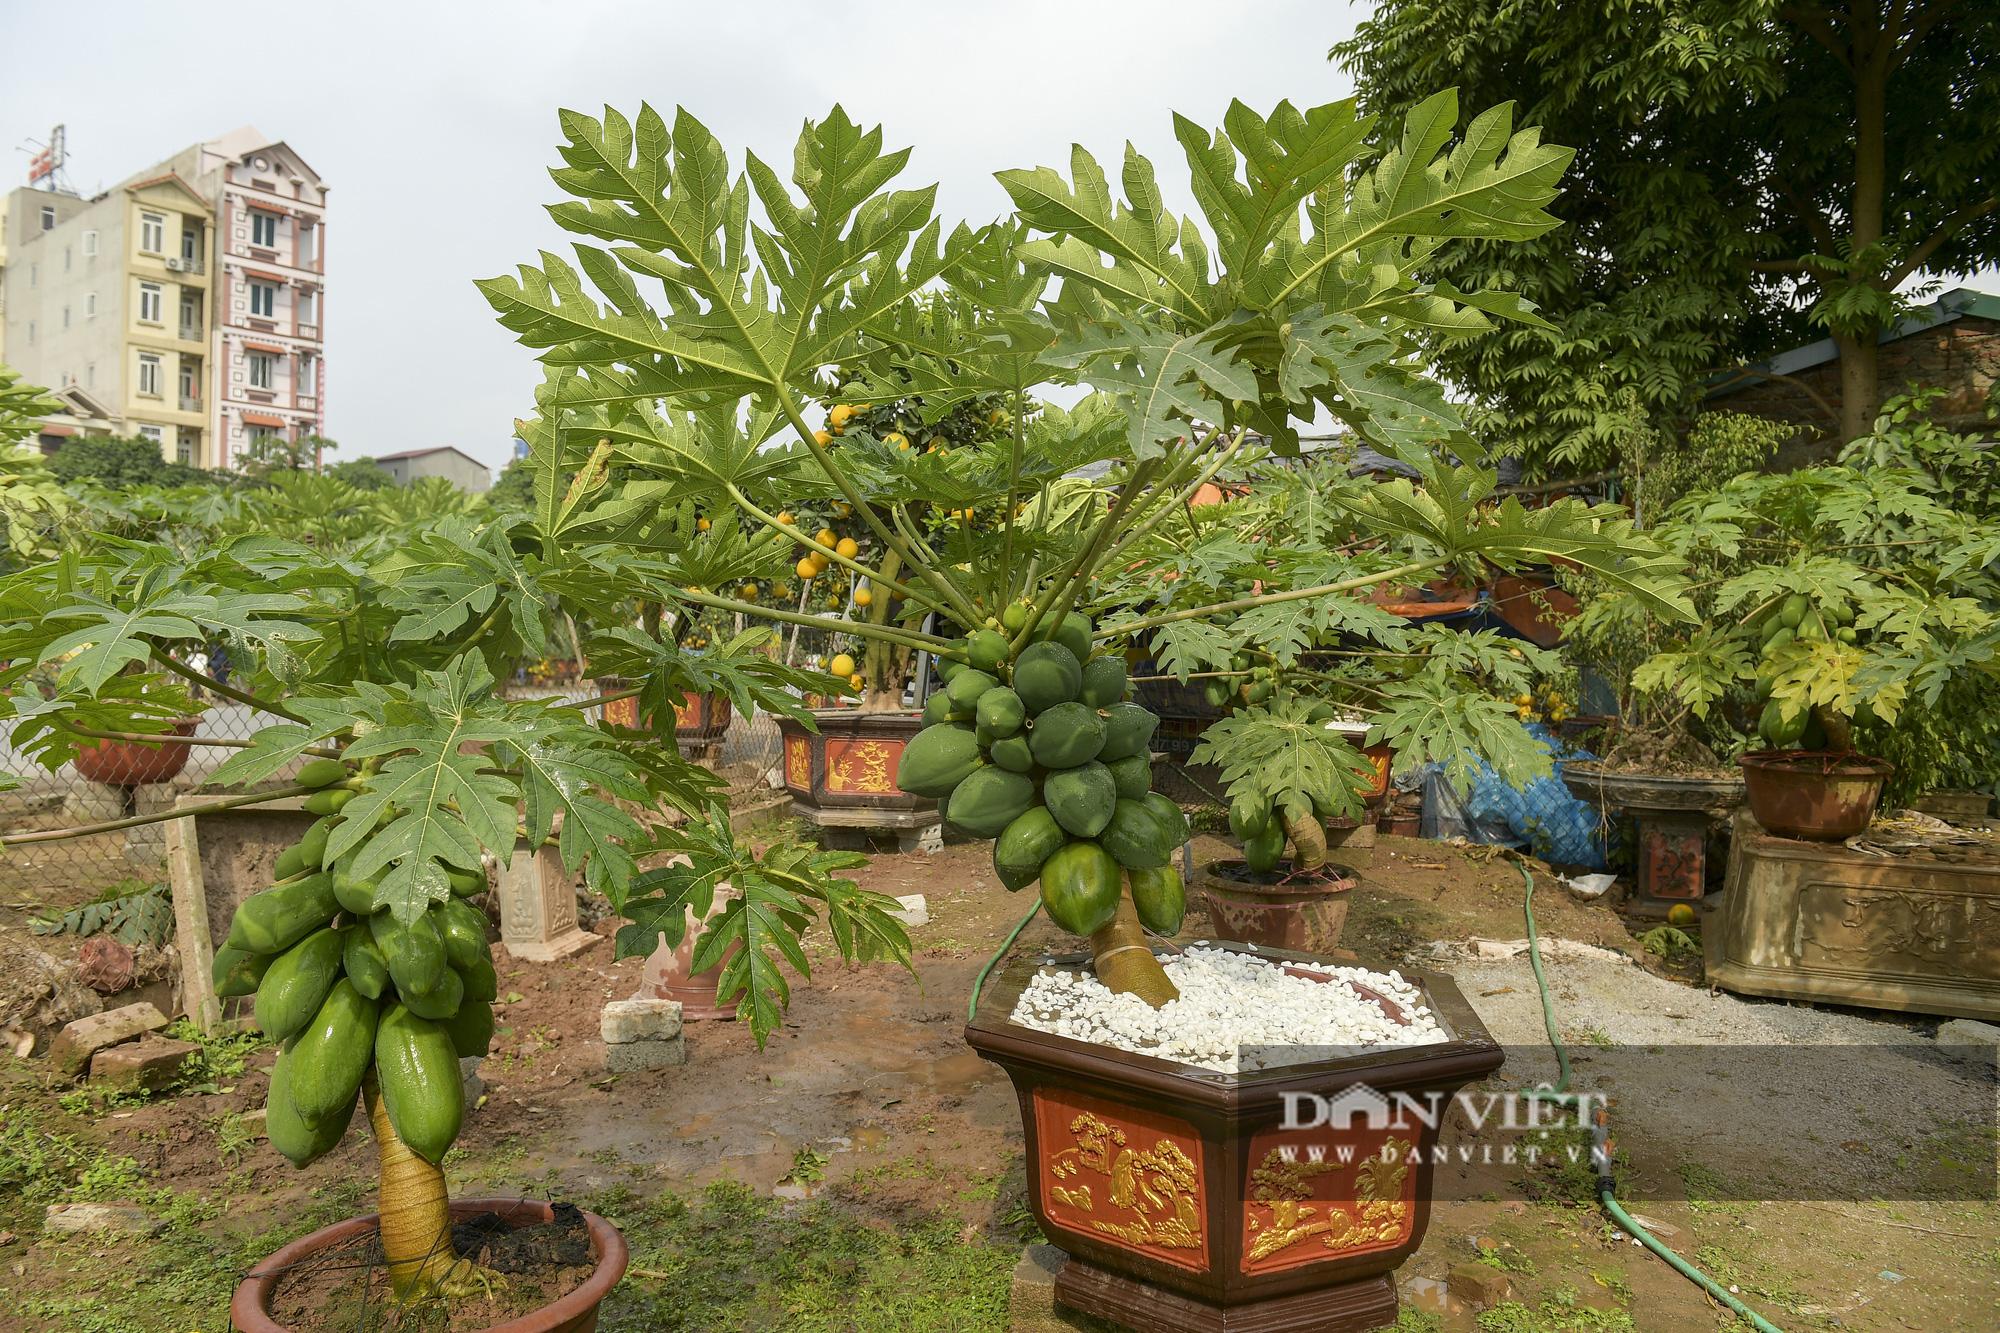 Độc đáo vườn đu đủ bonsai trĩu quả chơi Tết, mỗi cây giá bạc triệu hút khách mua chơi Tết - Ảnh 2.